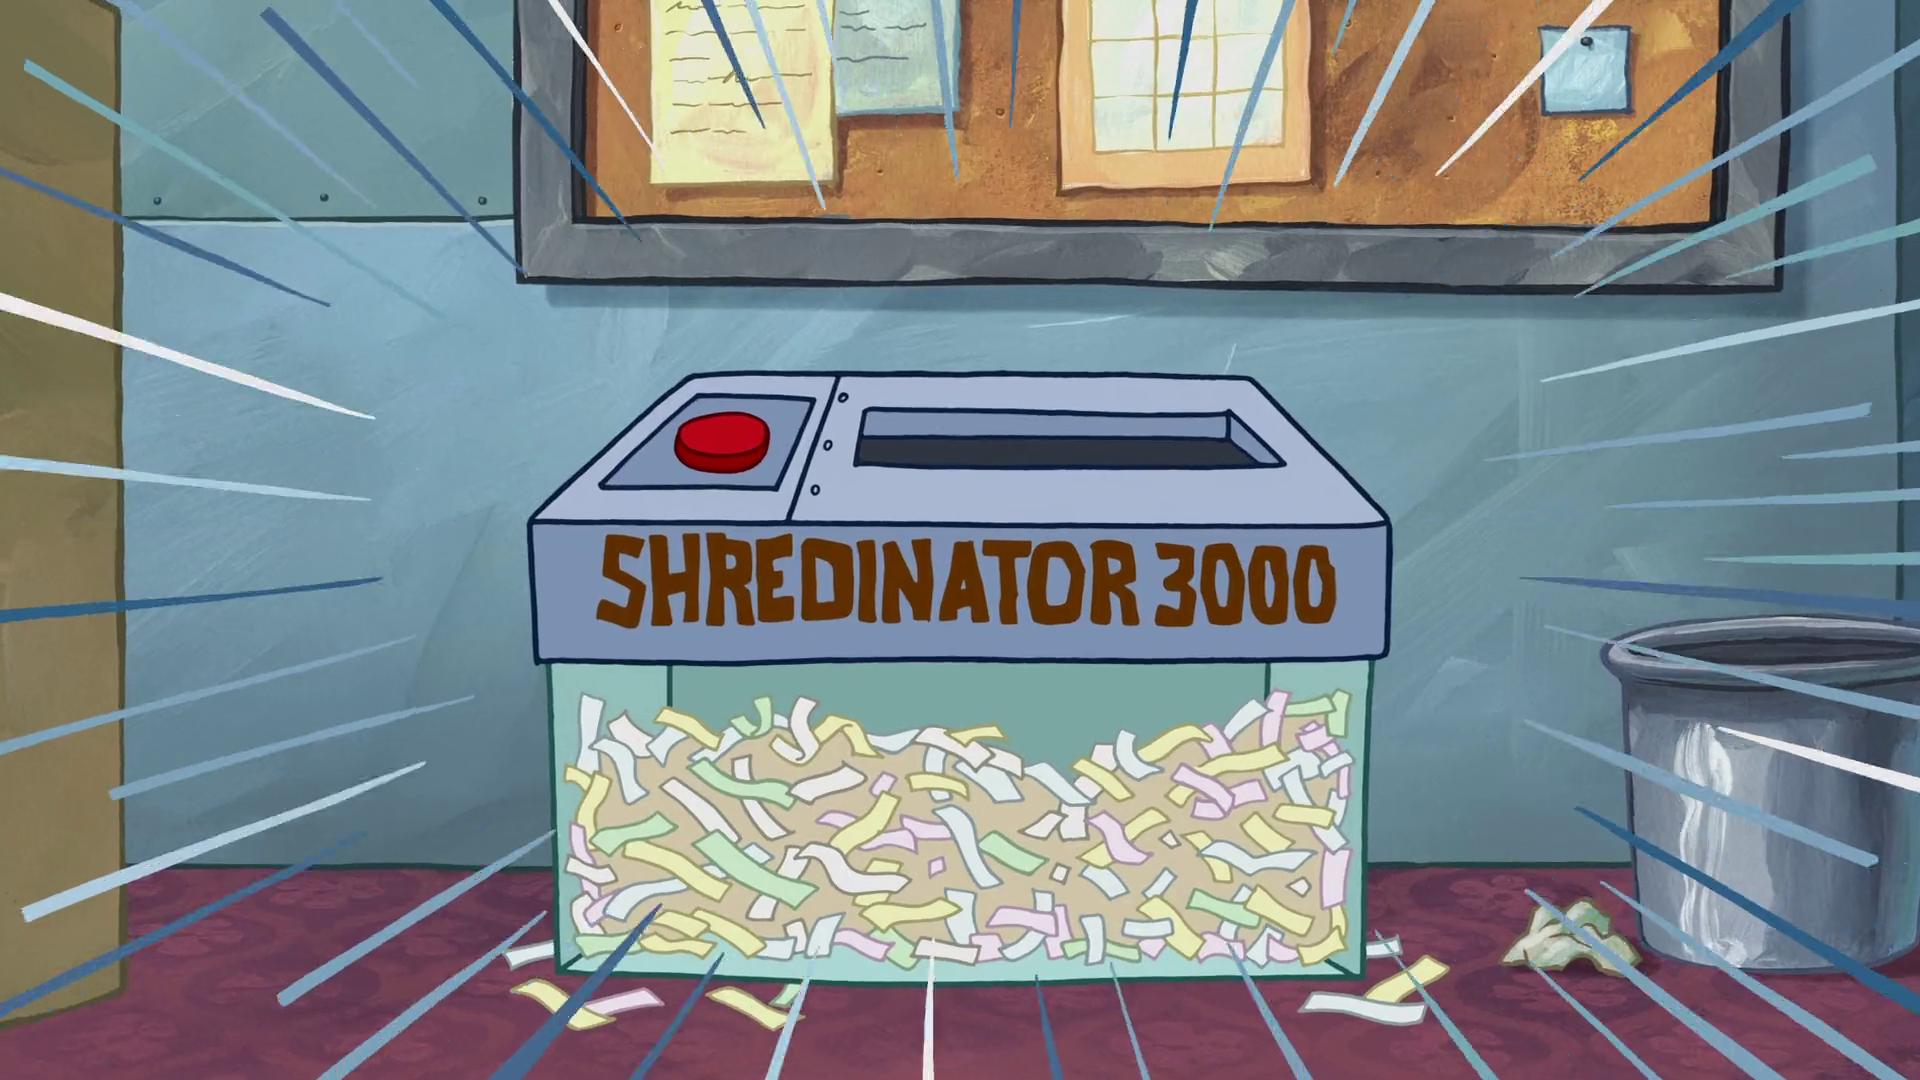 Shredinator 3000